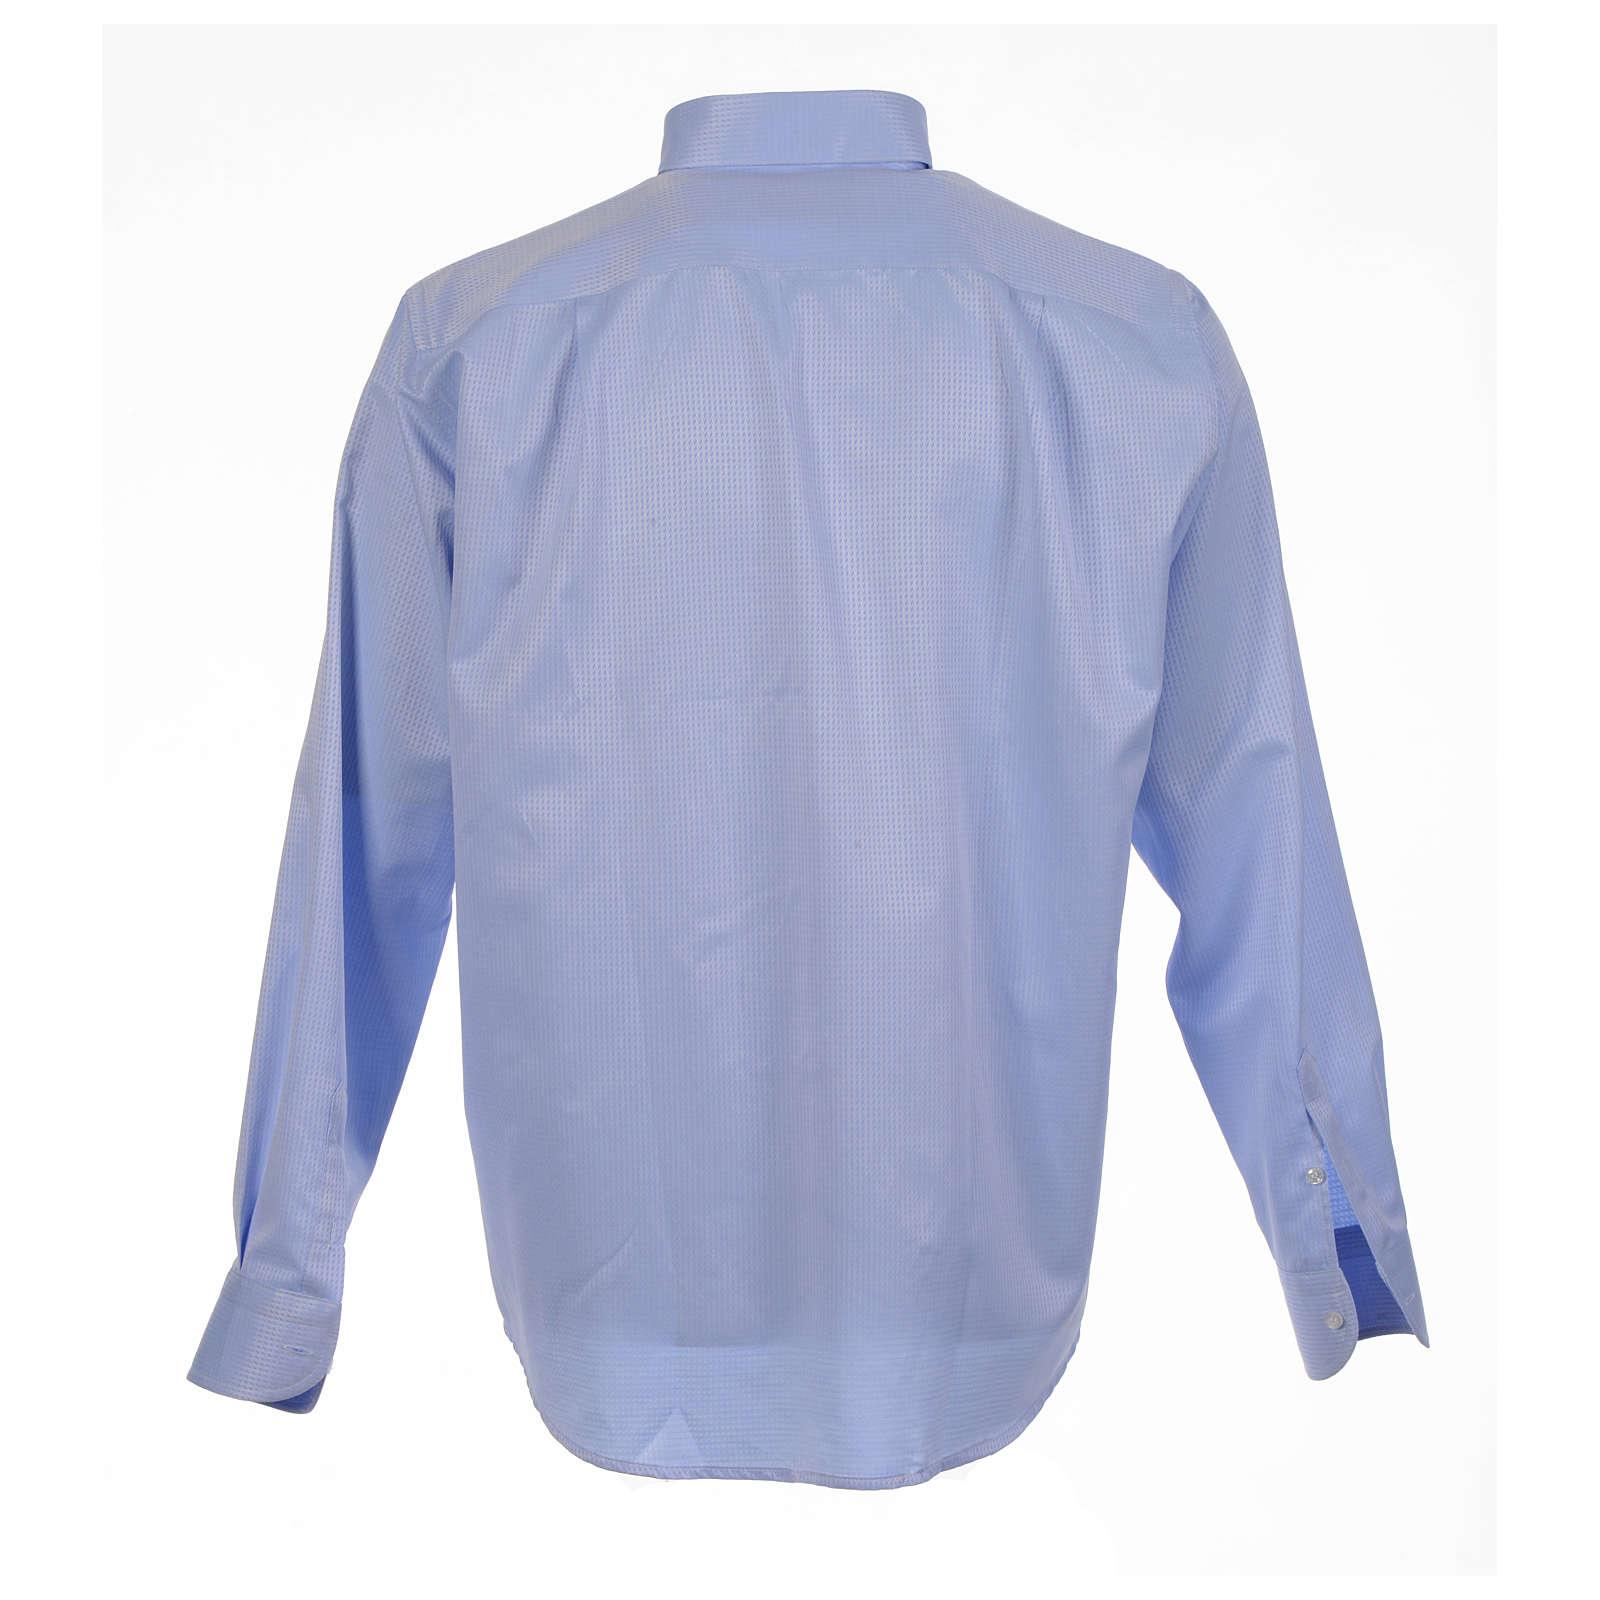 Camicia clergy jacquard celeste manica lunga 4